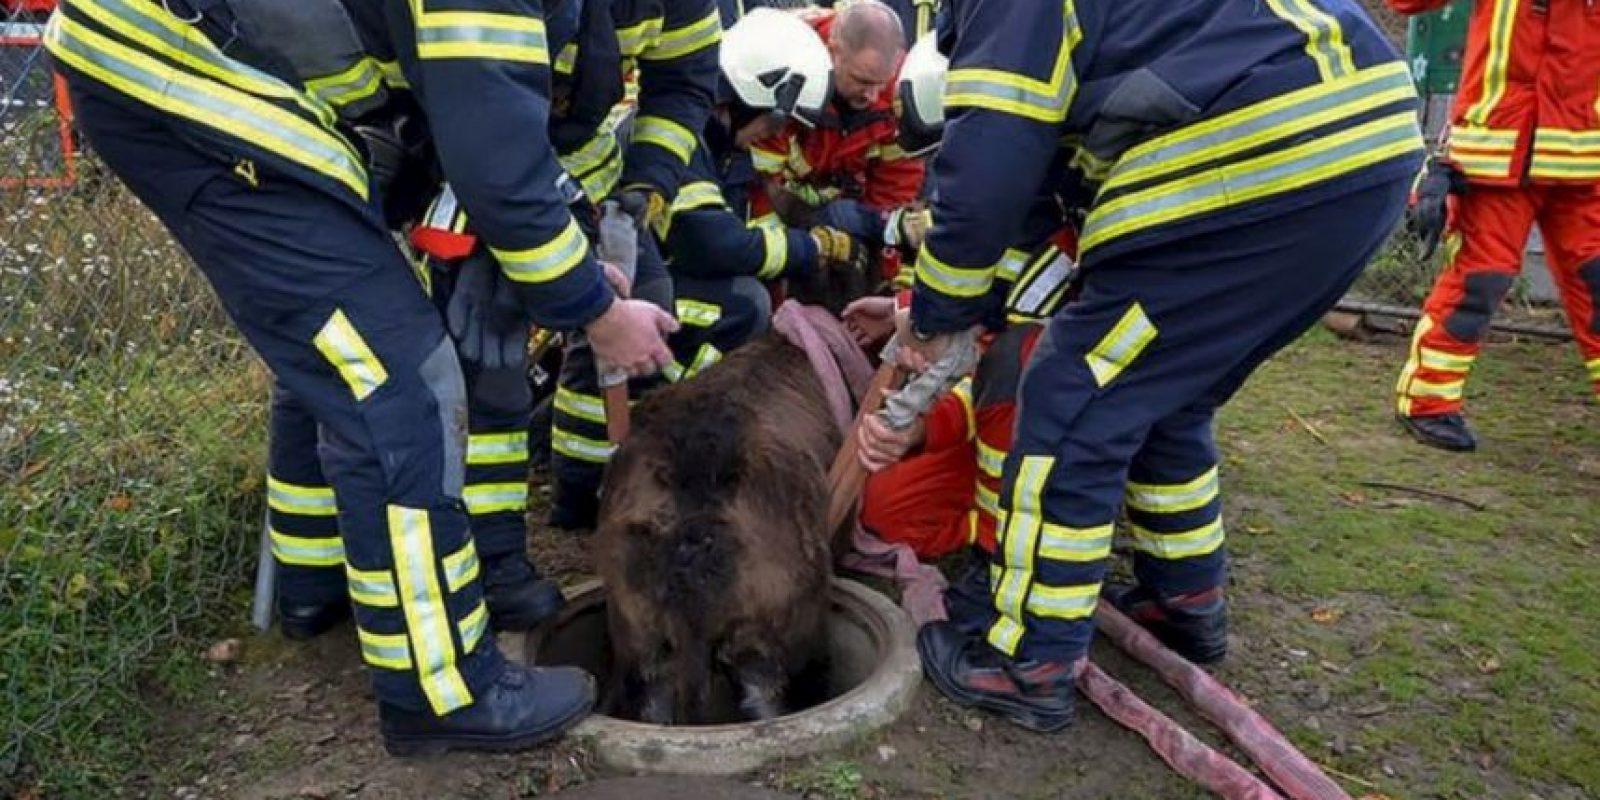 Un grupo de bomberos tuvo que rescatar a un burro que cayó en una coladera en Pratteln, Suiza, reseñó el portal británico Daily Mail. Foto:AFP